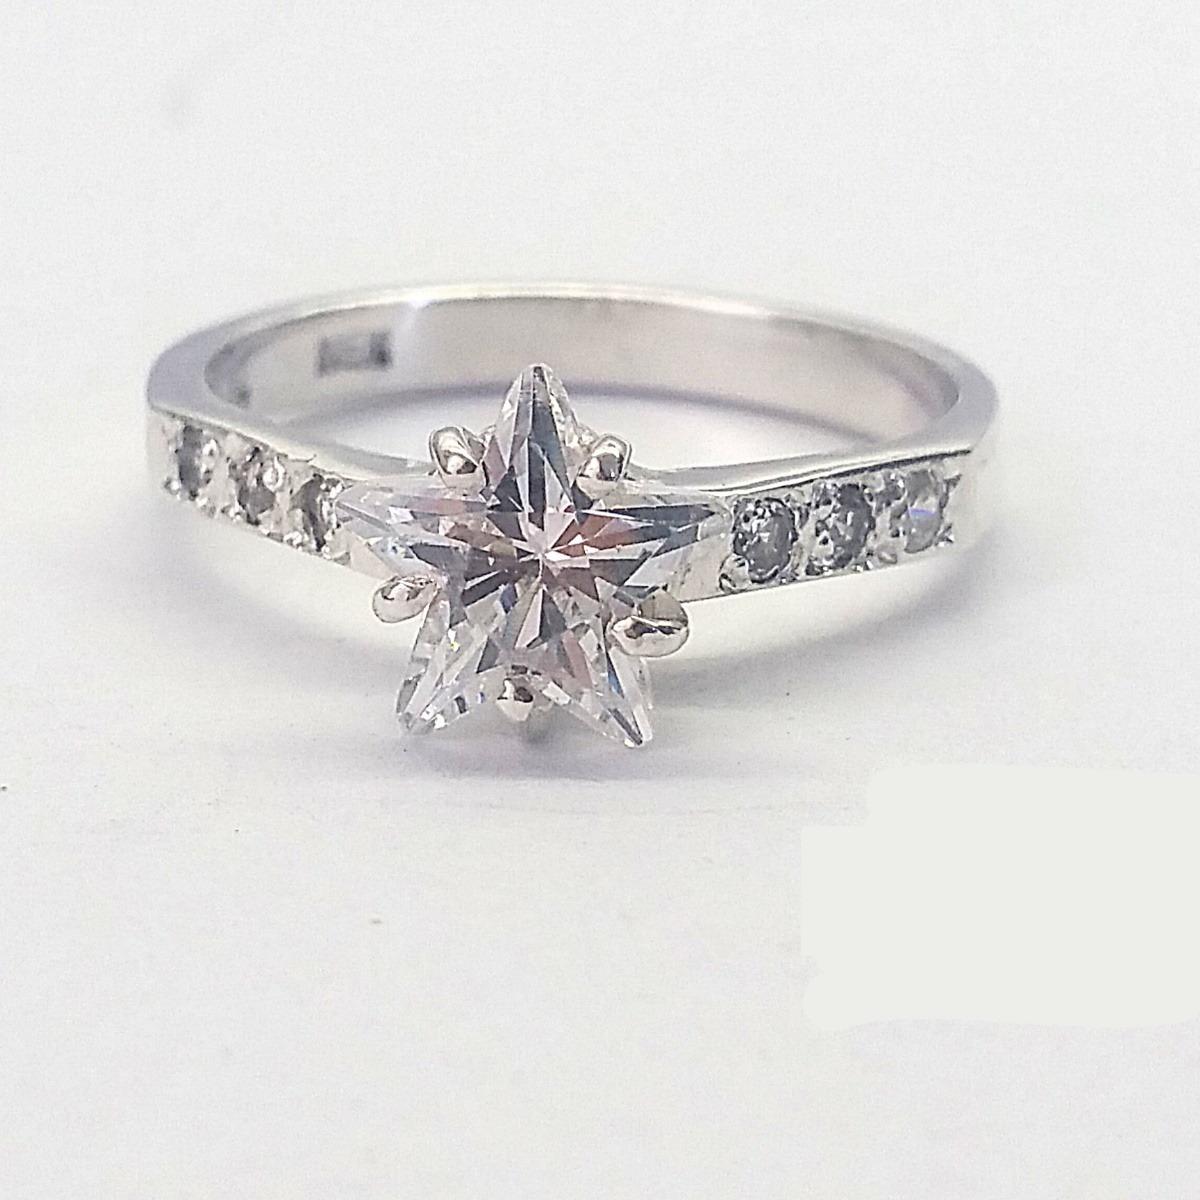 eac1f8f6b46a Anillo De Compromiso Plata .925 Corte Estrella -   569.00 en Mercado ...